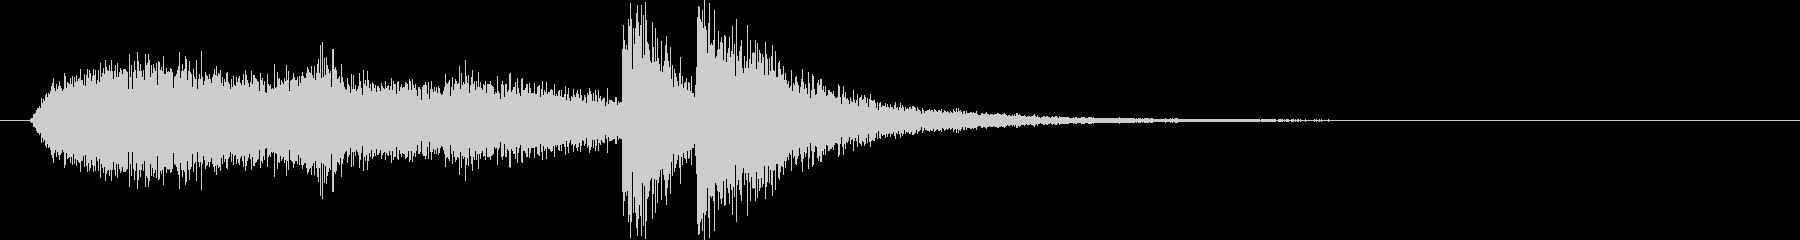 コミカルなシンセサイザーなど短めサウンドの未再生の波形